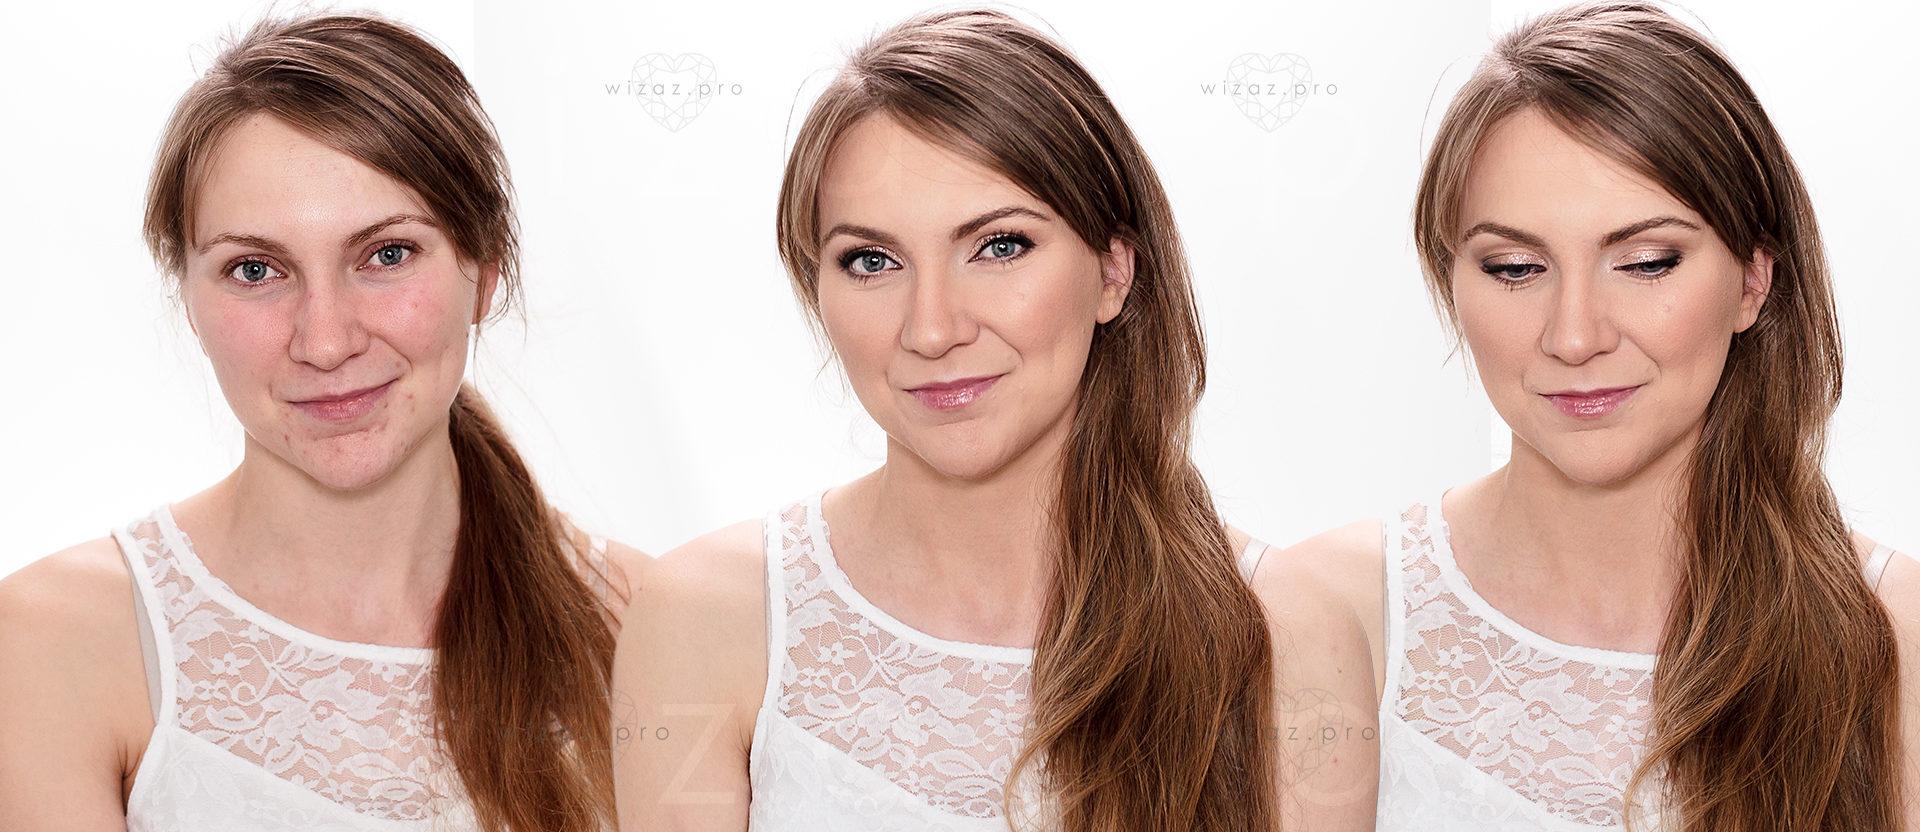 Elegancki makijaż korekcyjny dla blondynki z niebieskimi oczami